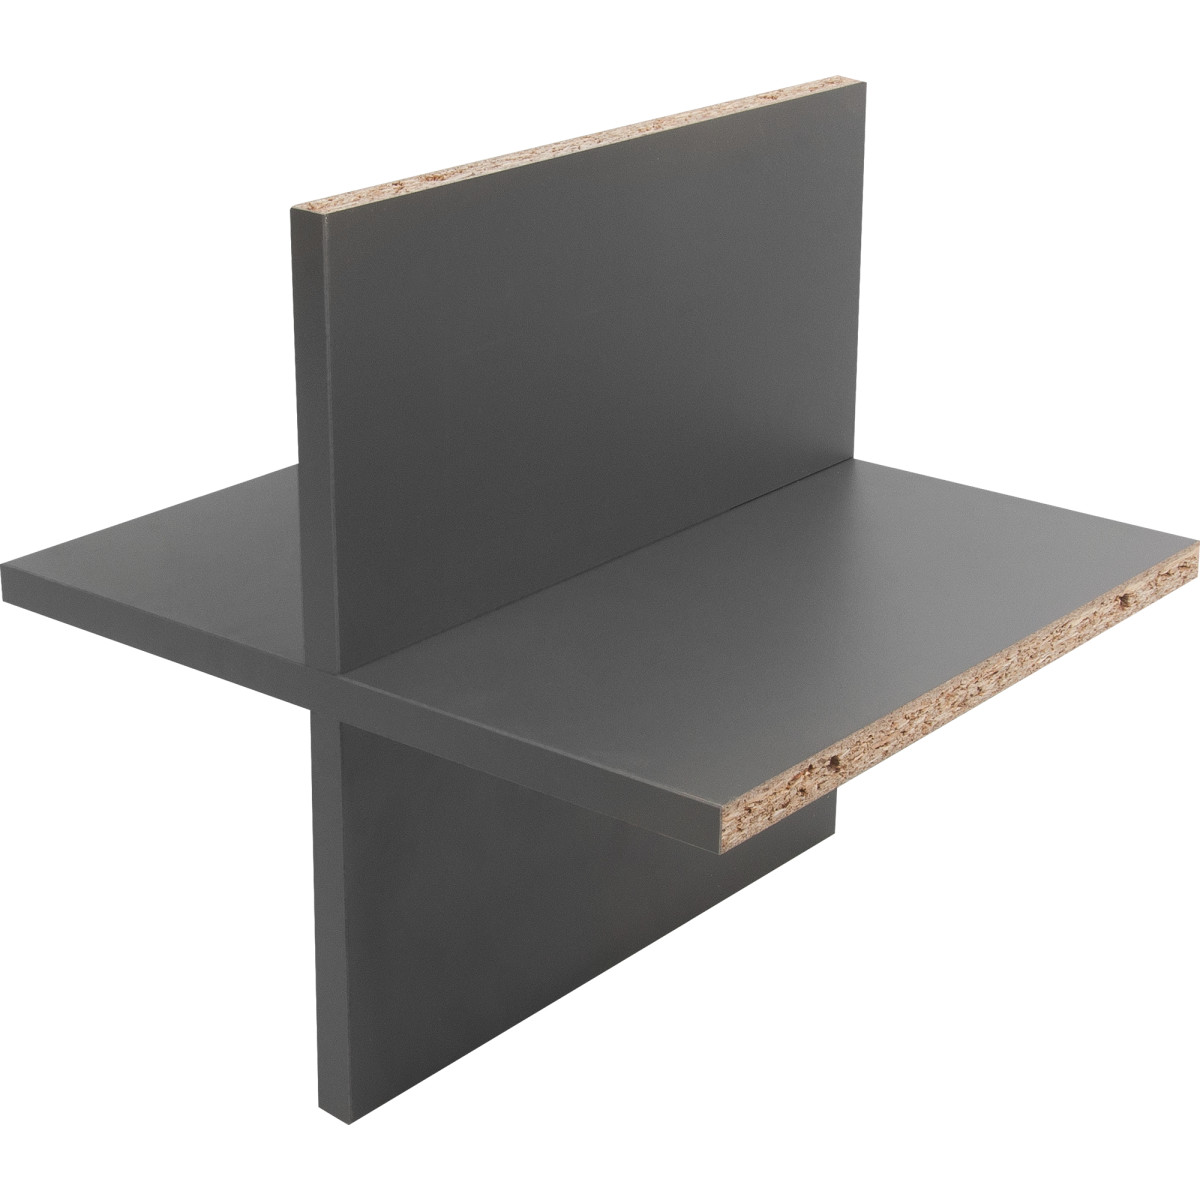 Вставка крестовая КУБ 33x31.5 см ДСП цвет графит